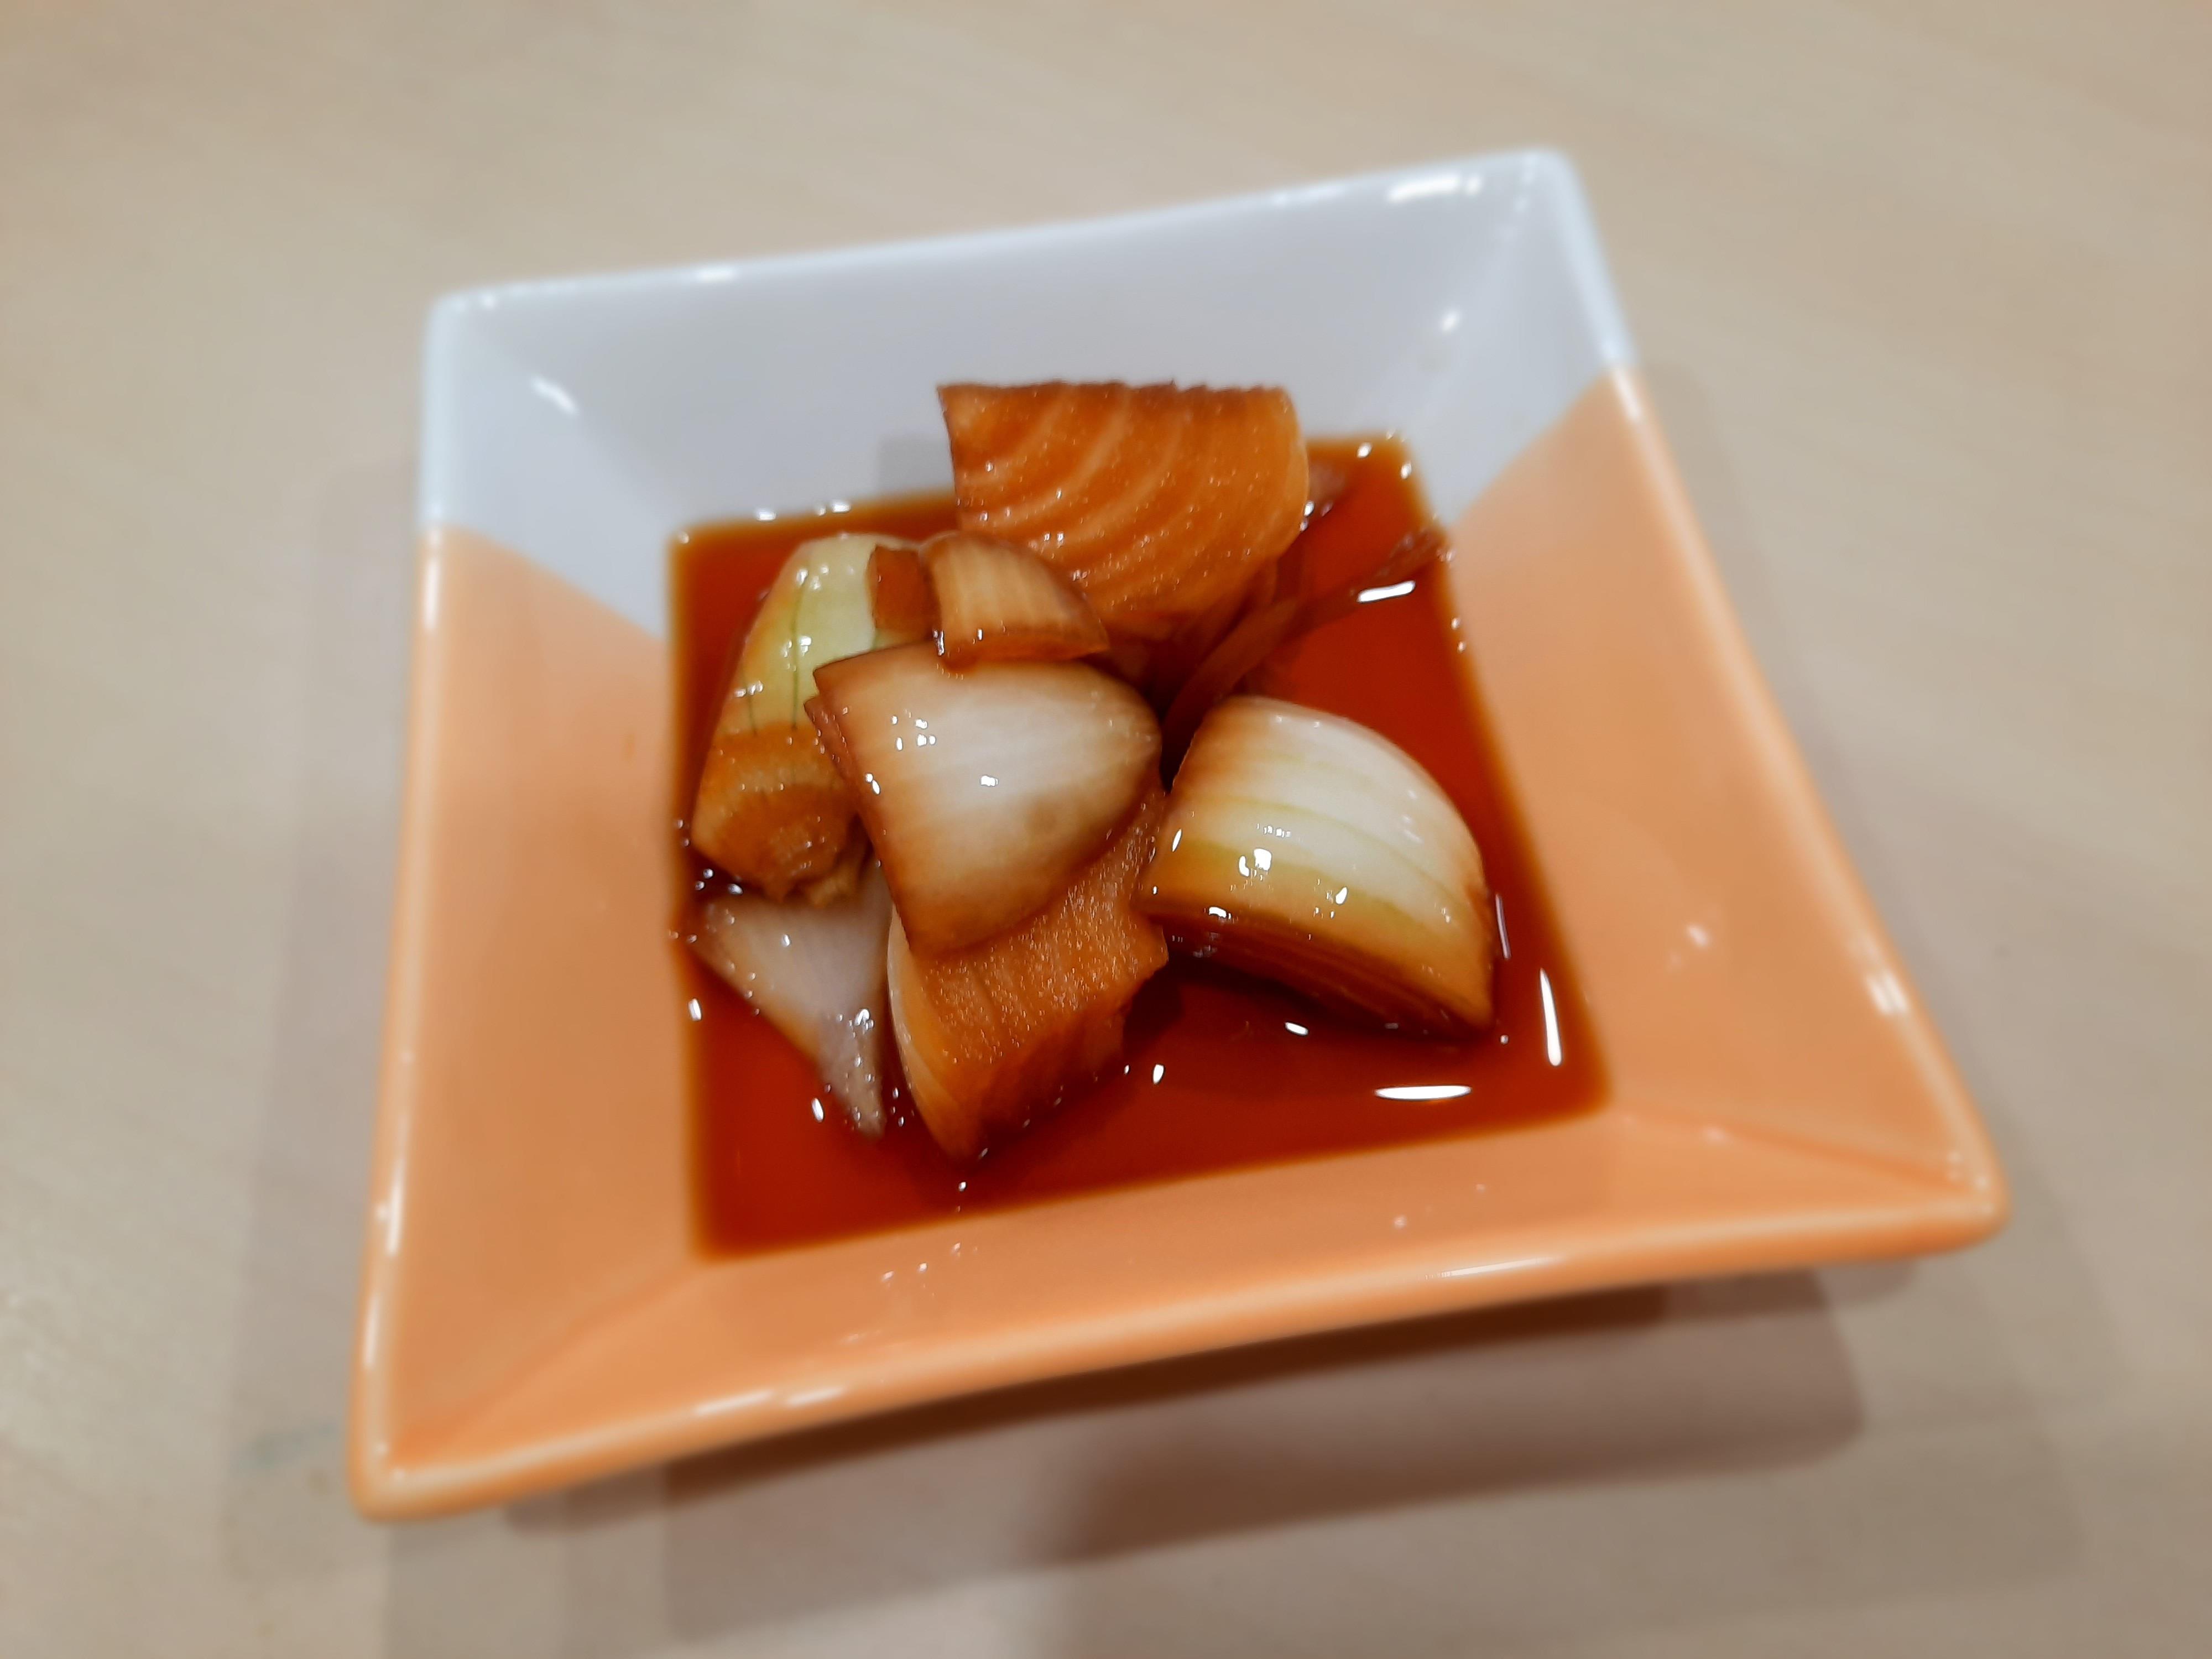 醃洋蔥(양파장아찌)